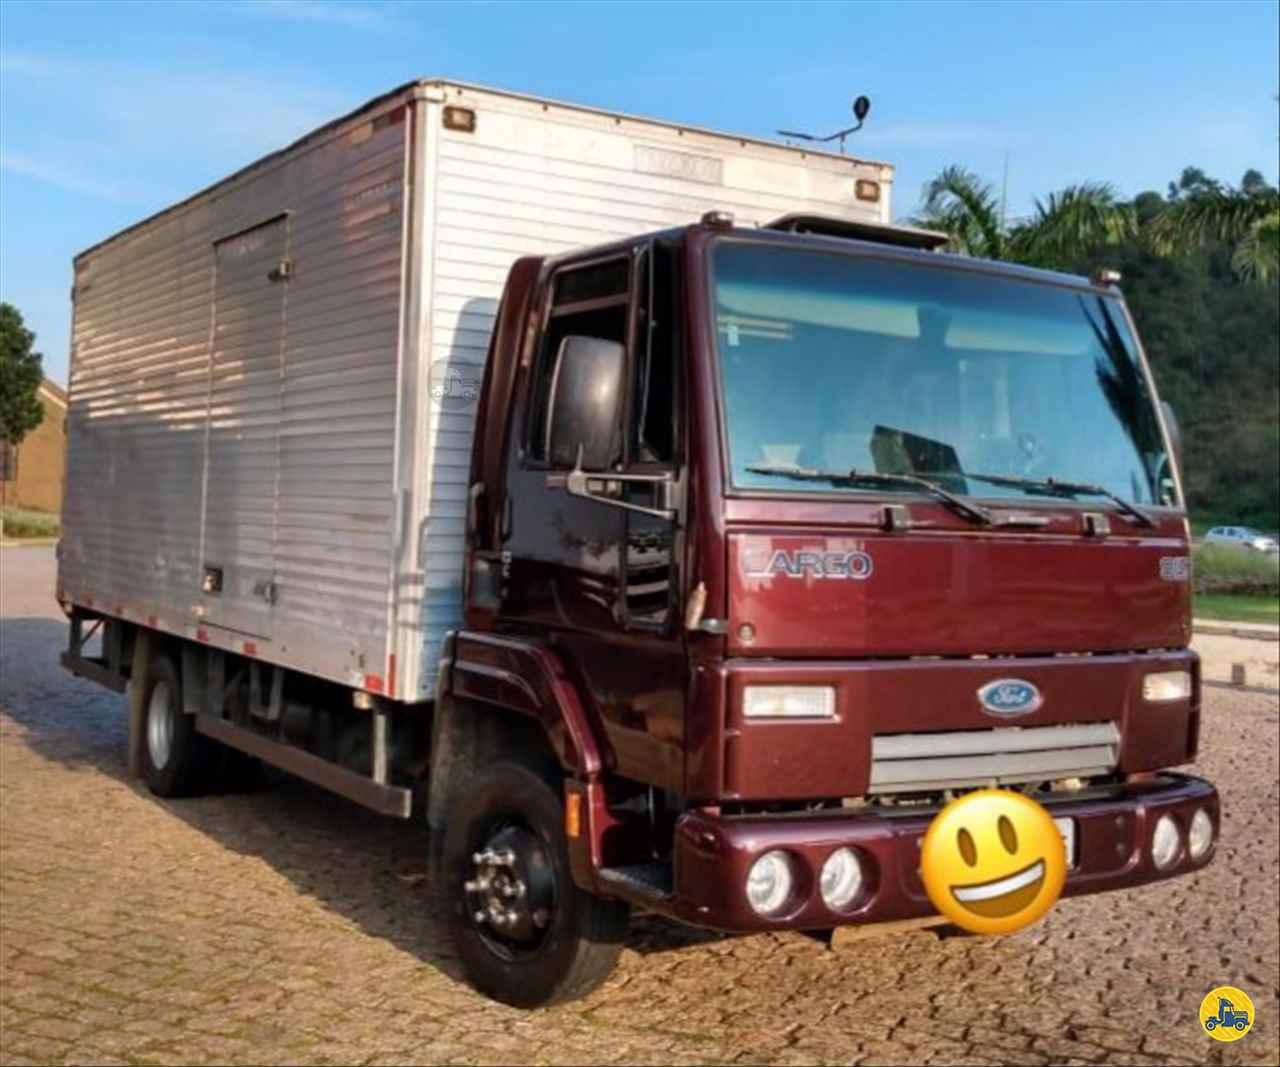 CAMINHAO FORD CARGO 815 Baú Furgão Toco 4x2 CRM Caminhões Curitiba CURITIBA PARANÁ PR